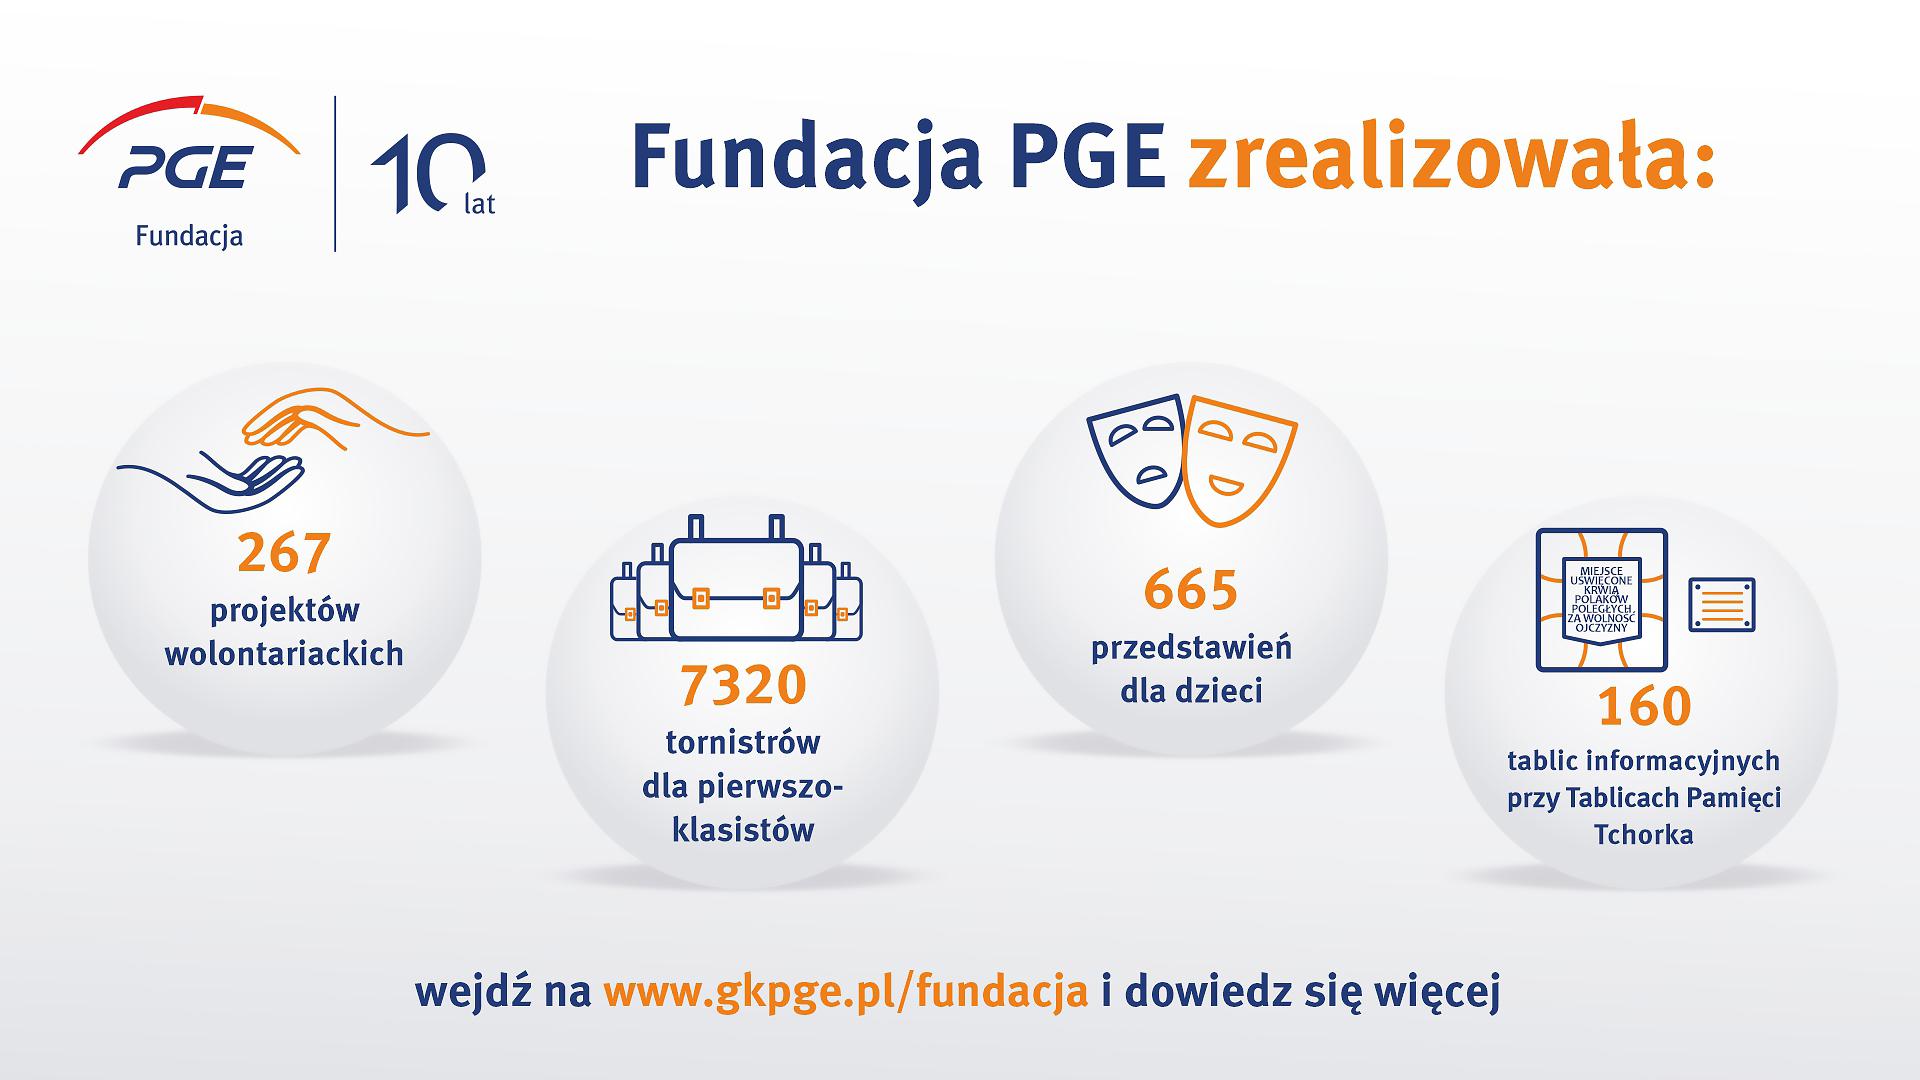 fundacja-pge-od-10-lat-pomaga-potrzebujacym.jpg